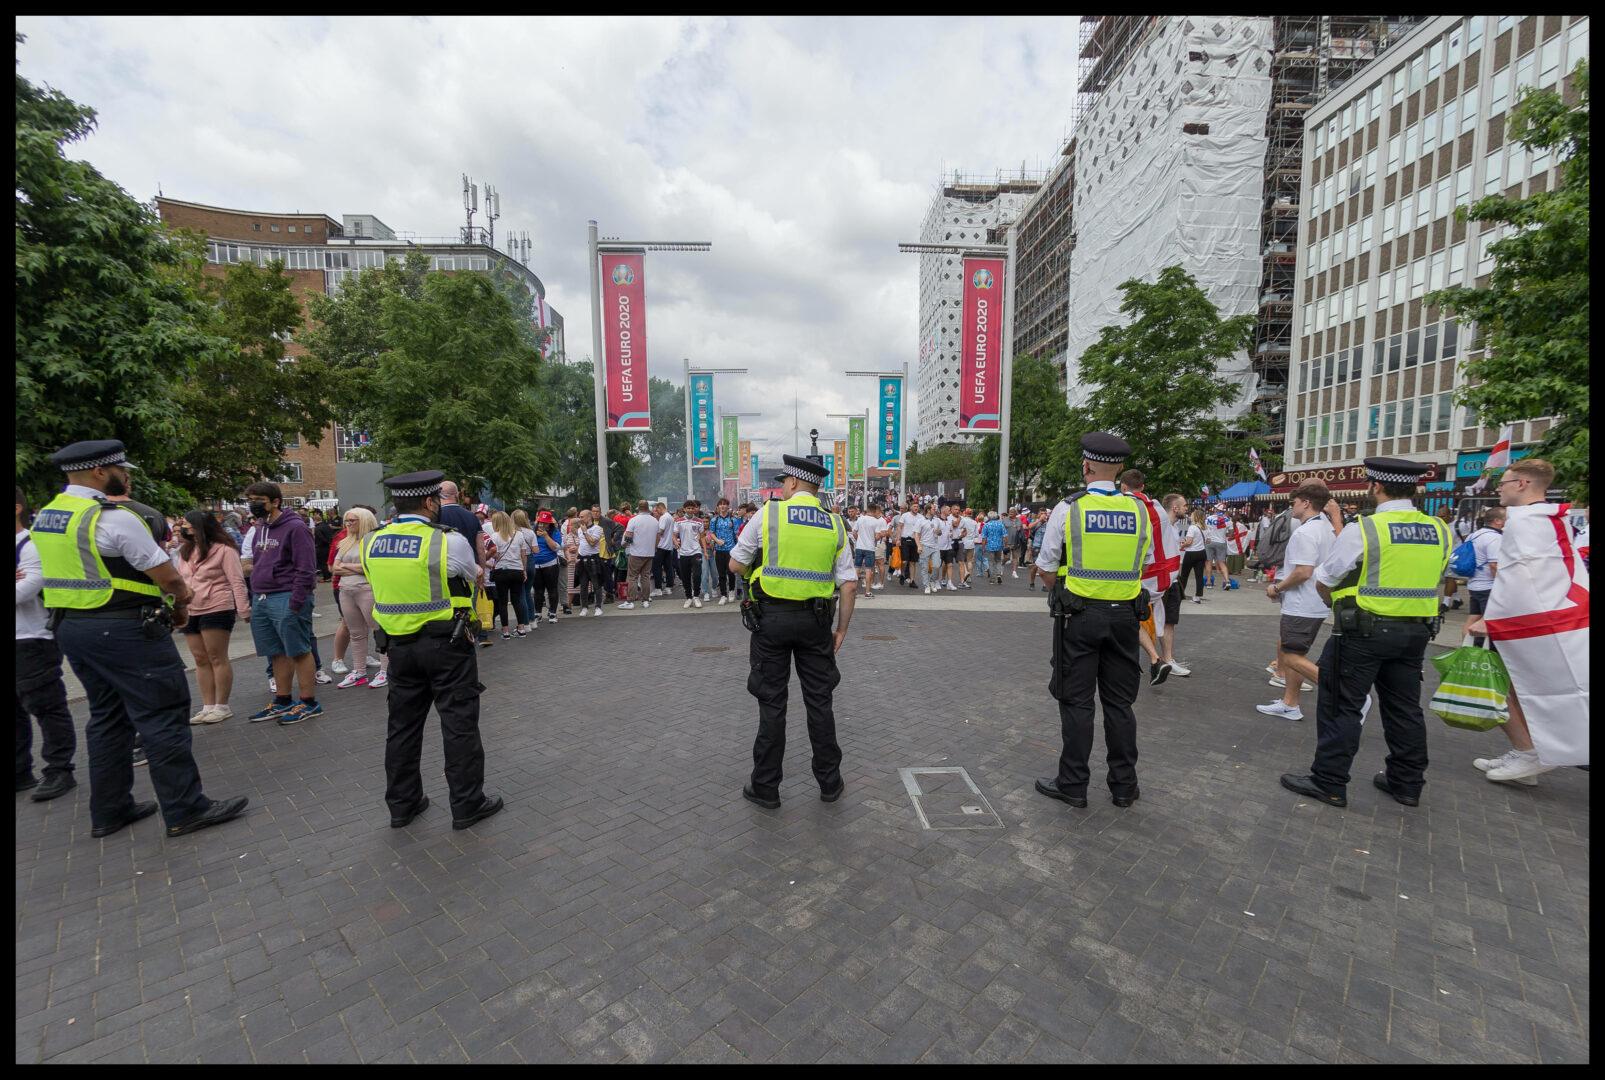 England |Rassismus, Stadionsturm & Verhaftungen – die hässliche Seite der Finalnacht